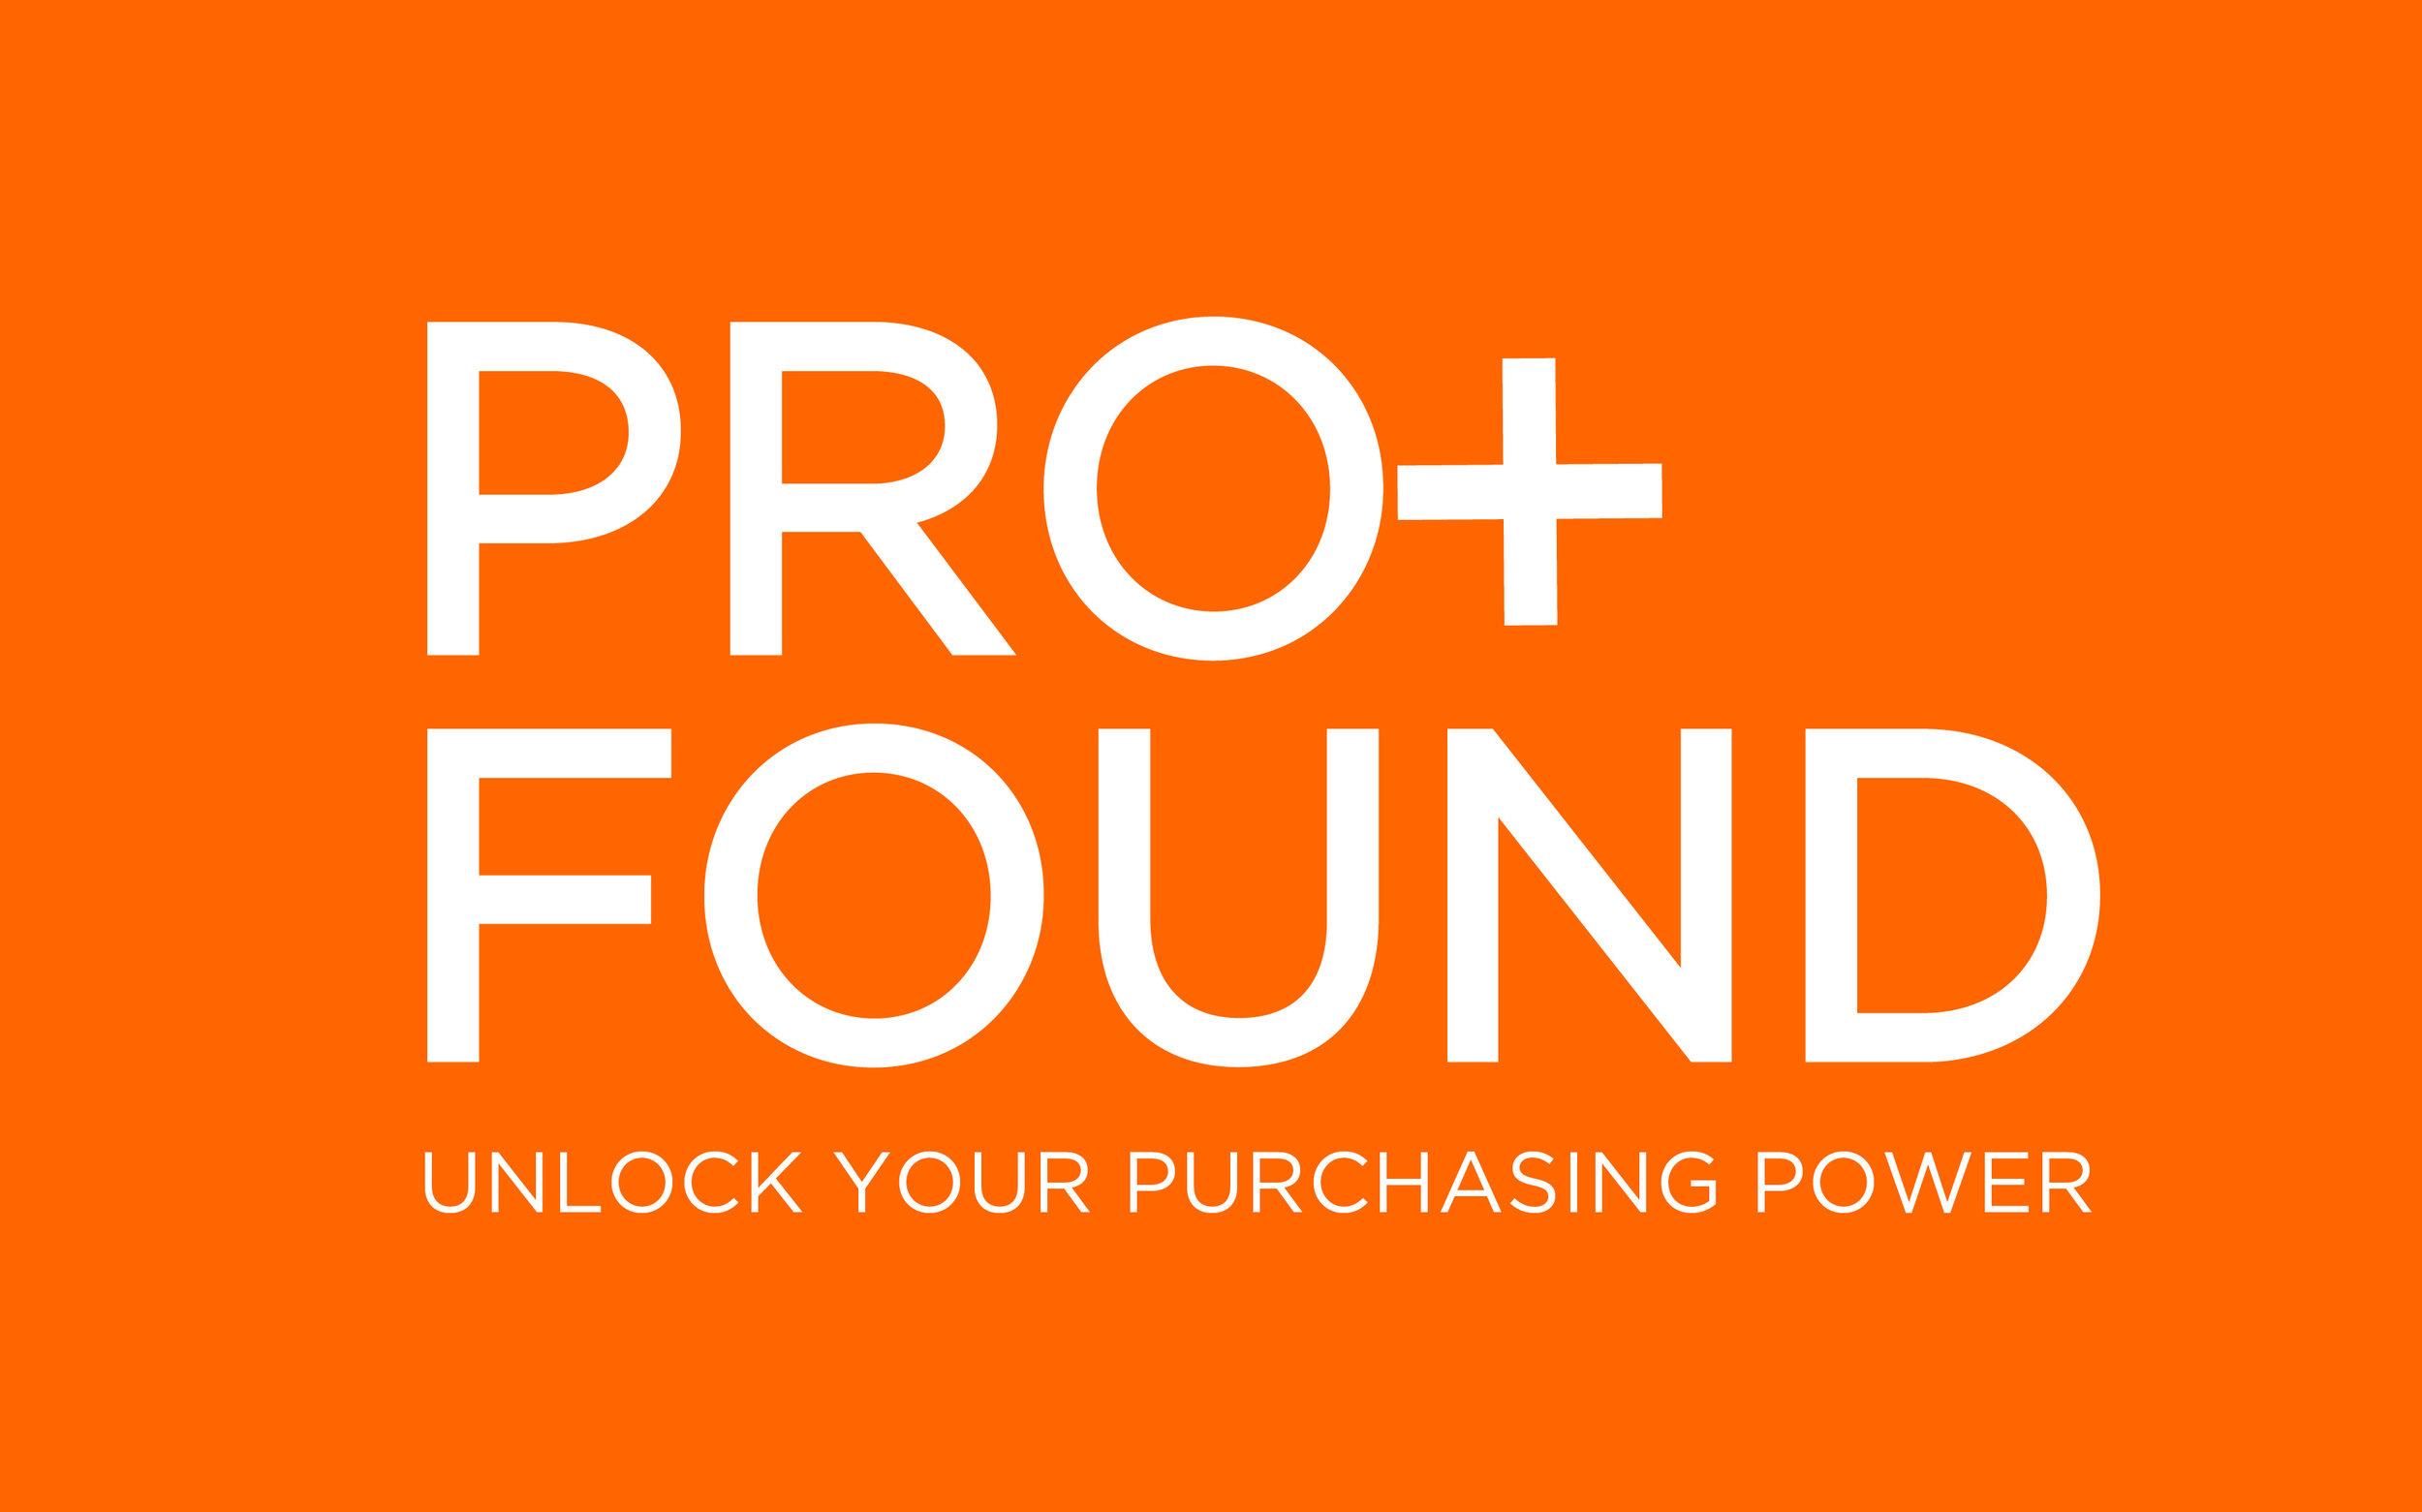 Pro+Found_Orange-02.jpg